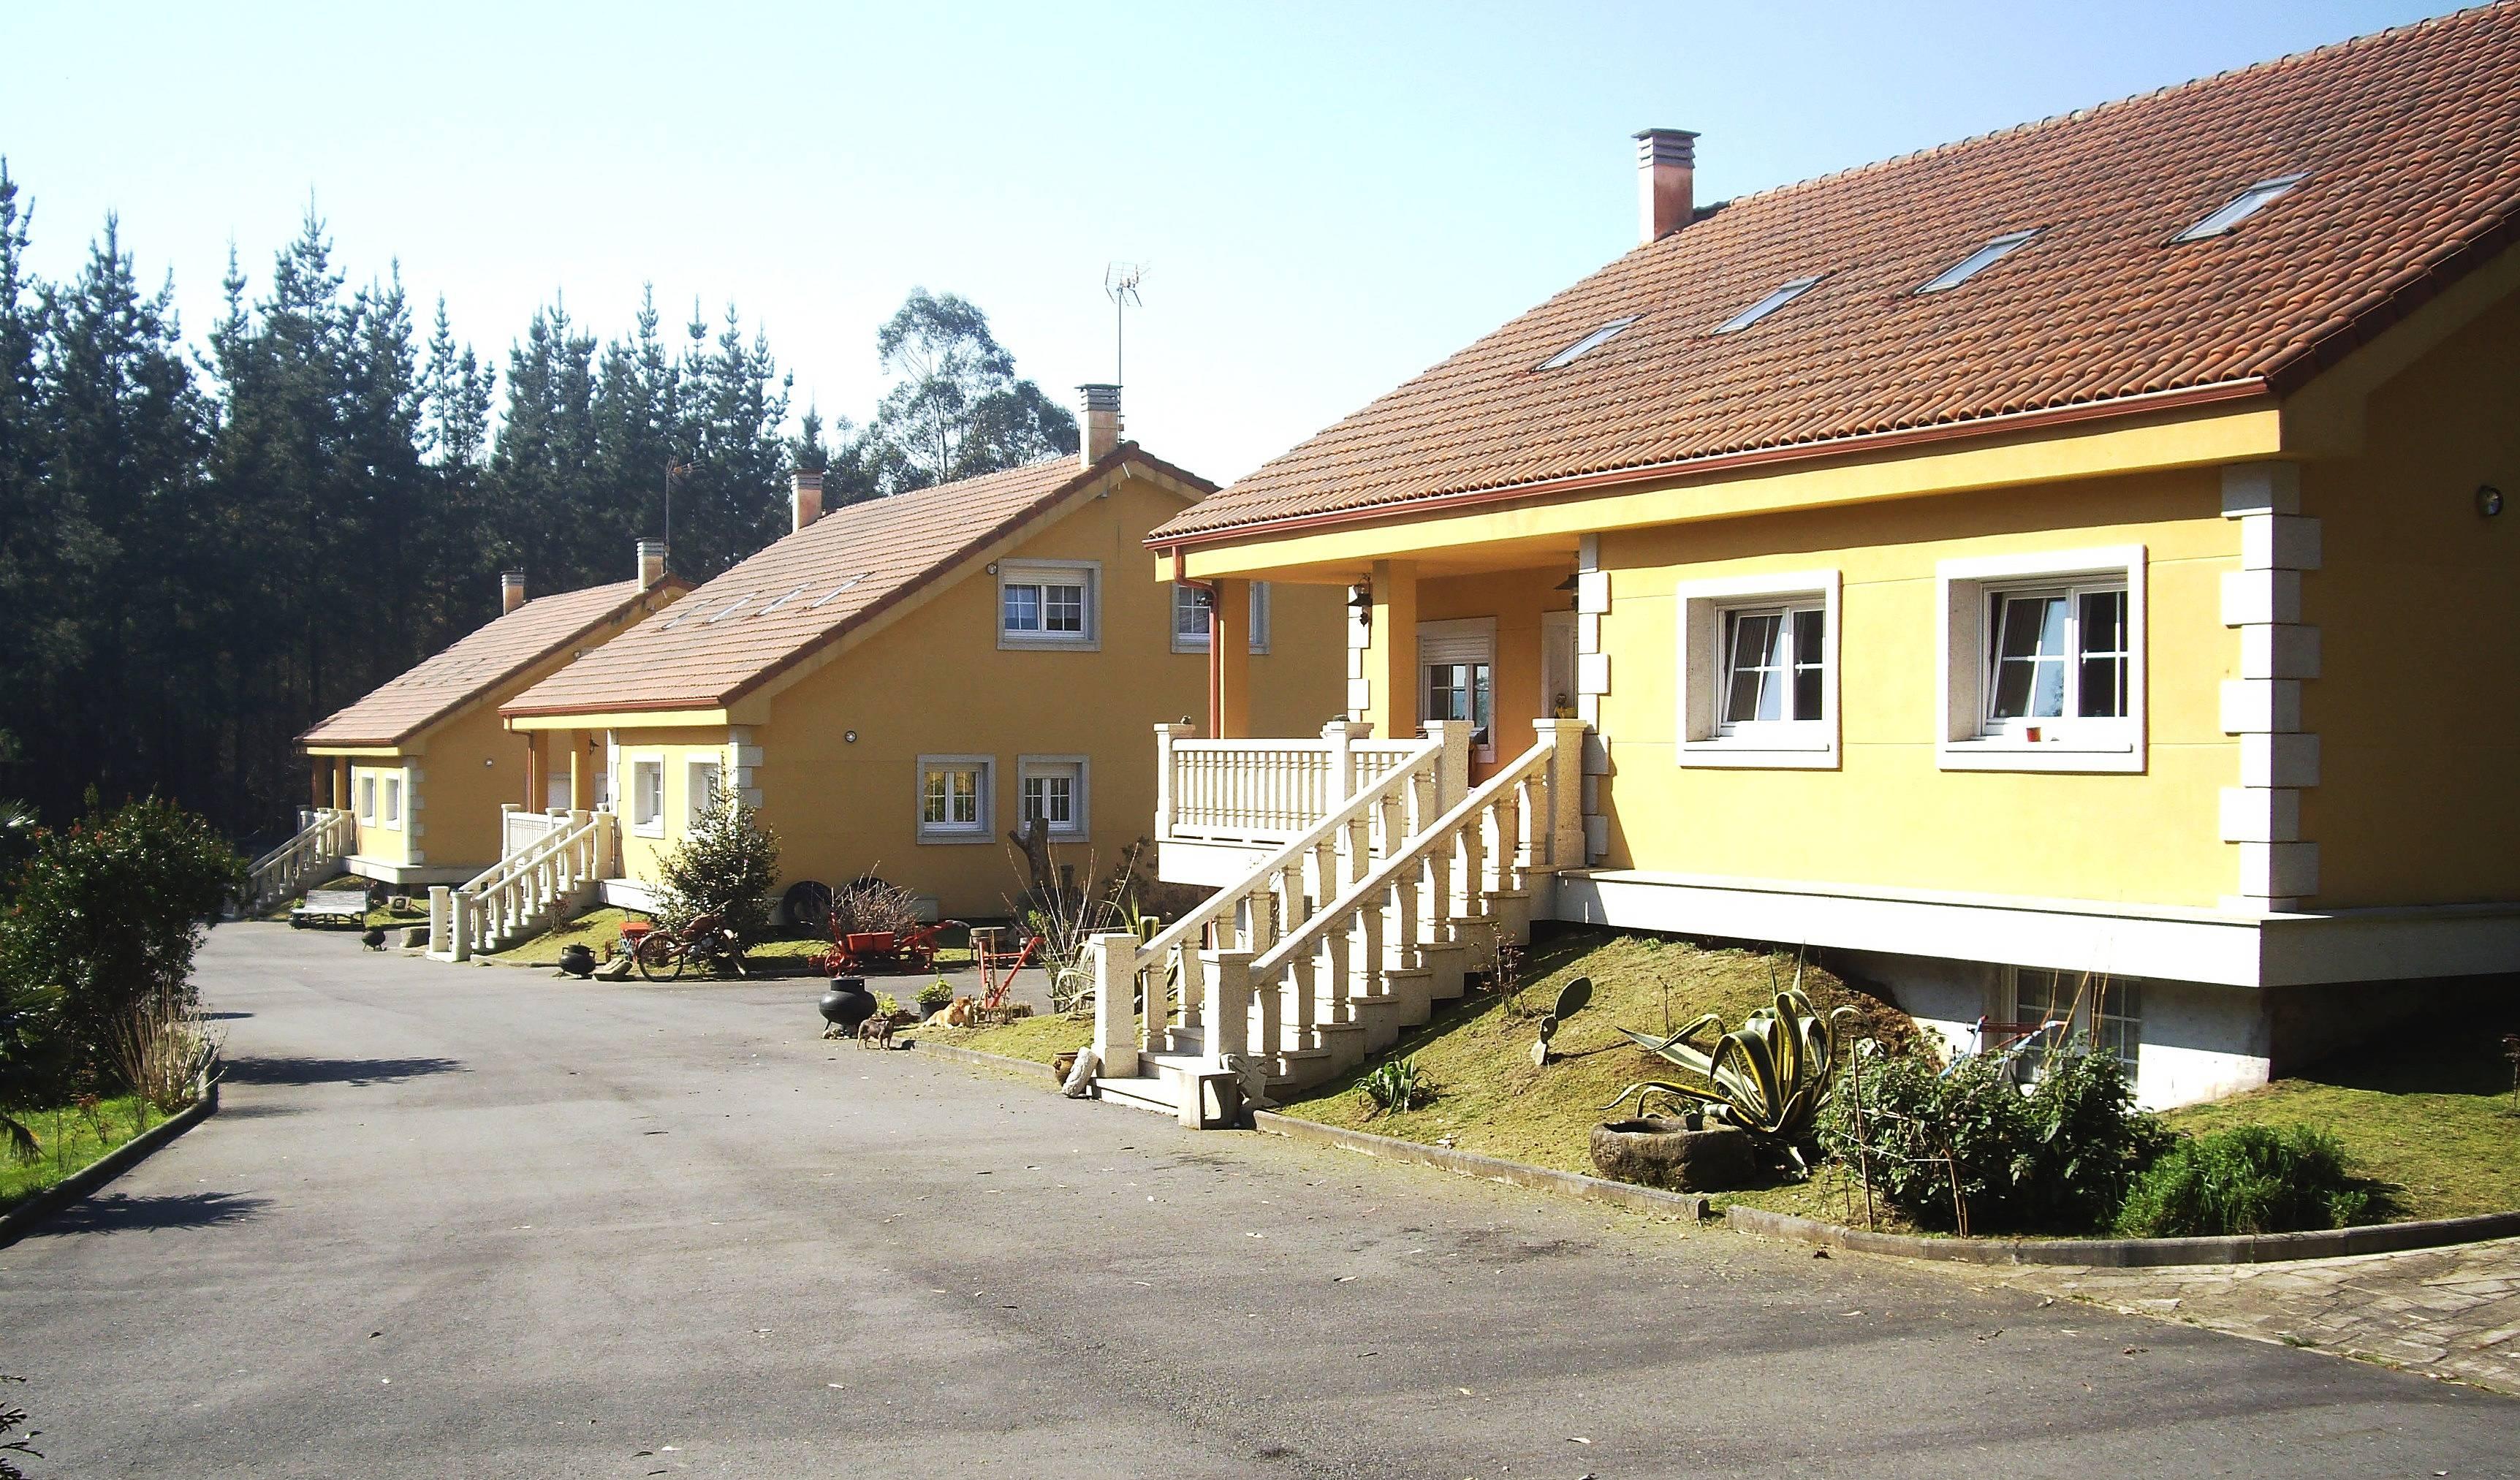 Alquiler apartamentos vacacionales en carballo a coru a la coru a y casas rurales - Casa rural carballo ...